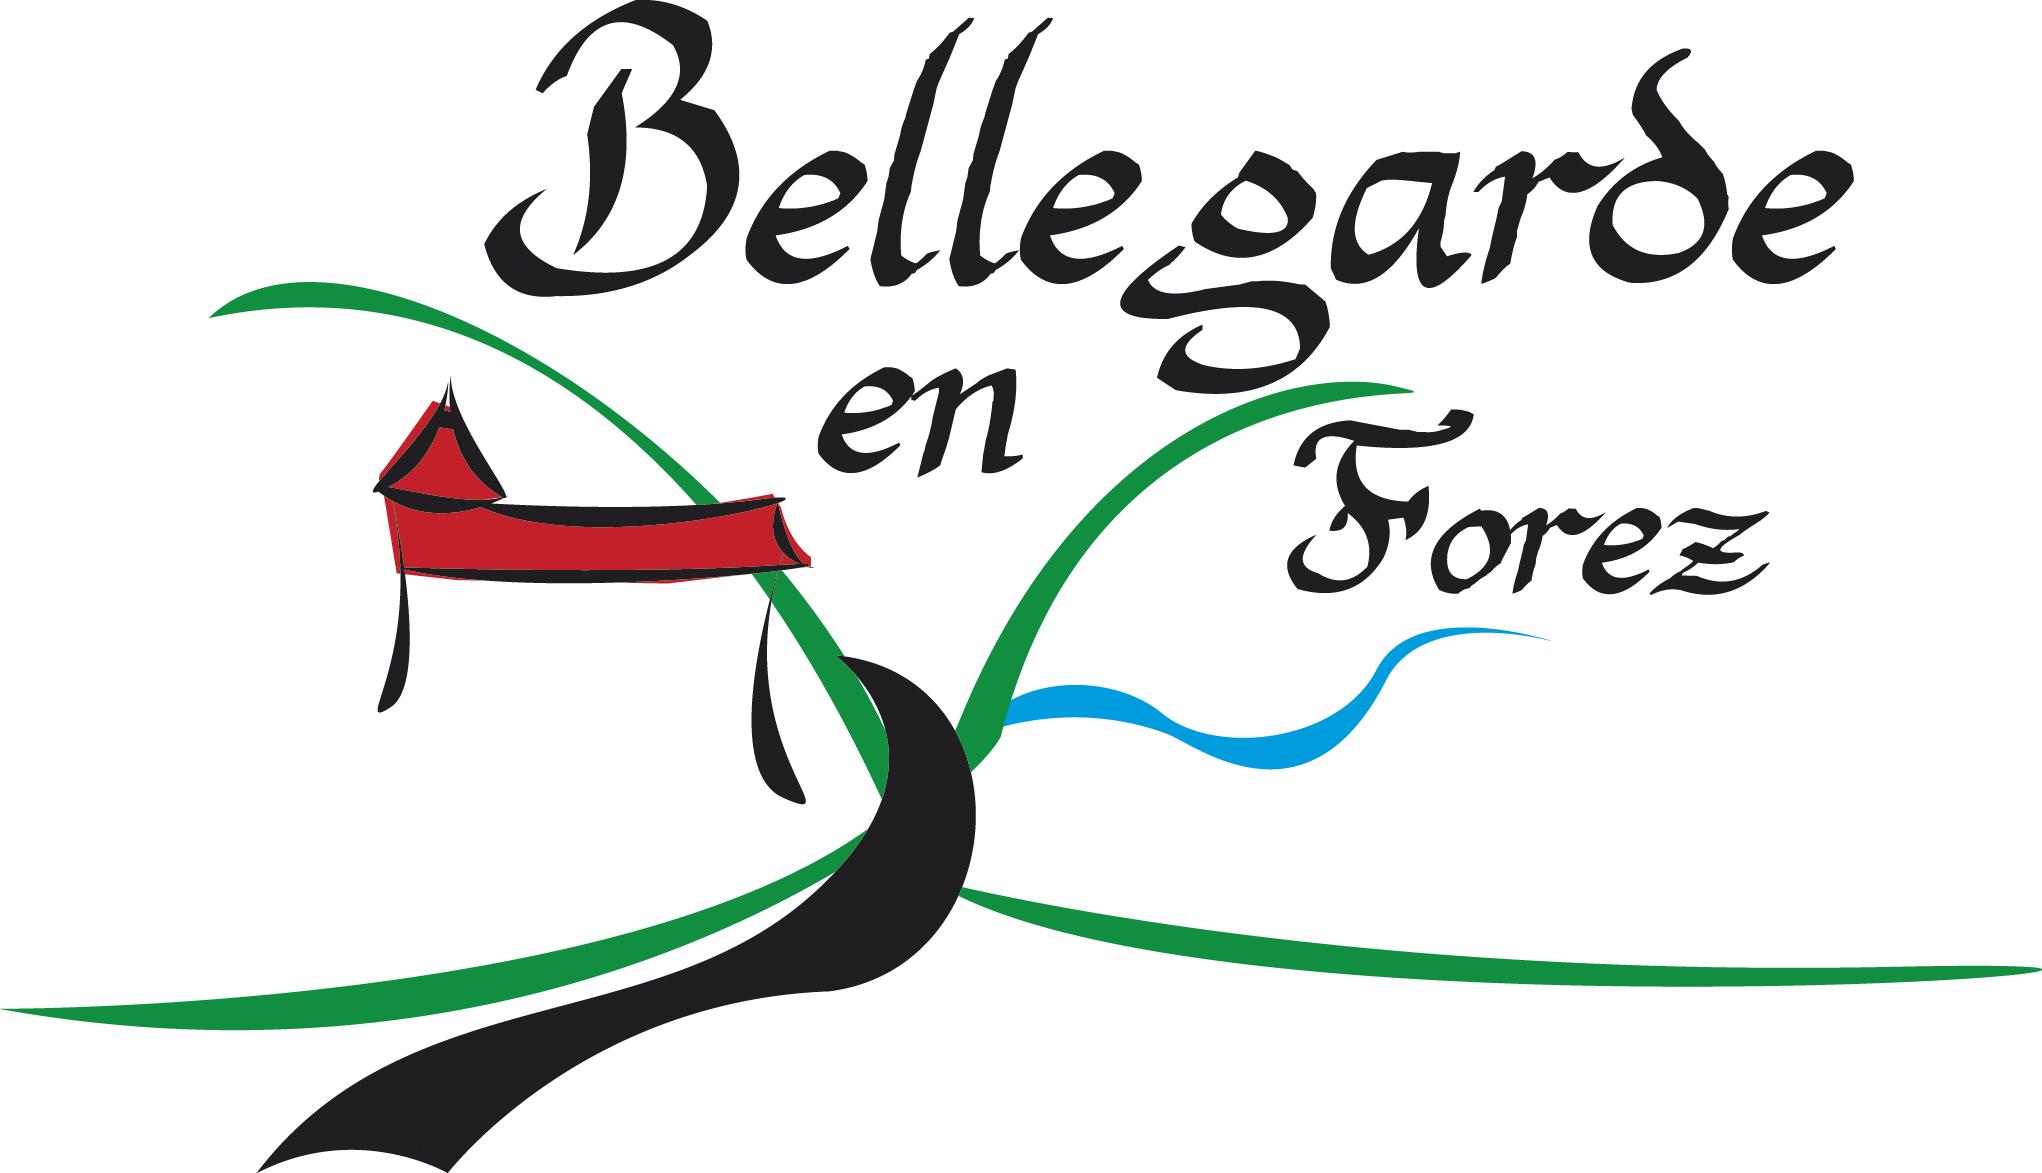 logo bellegarde en forez final.jpg